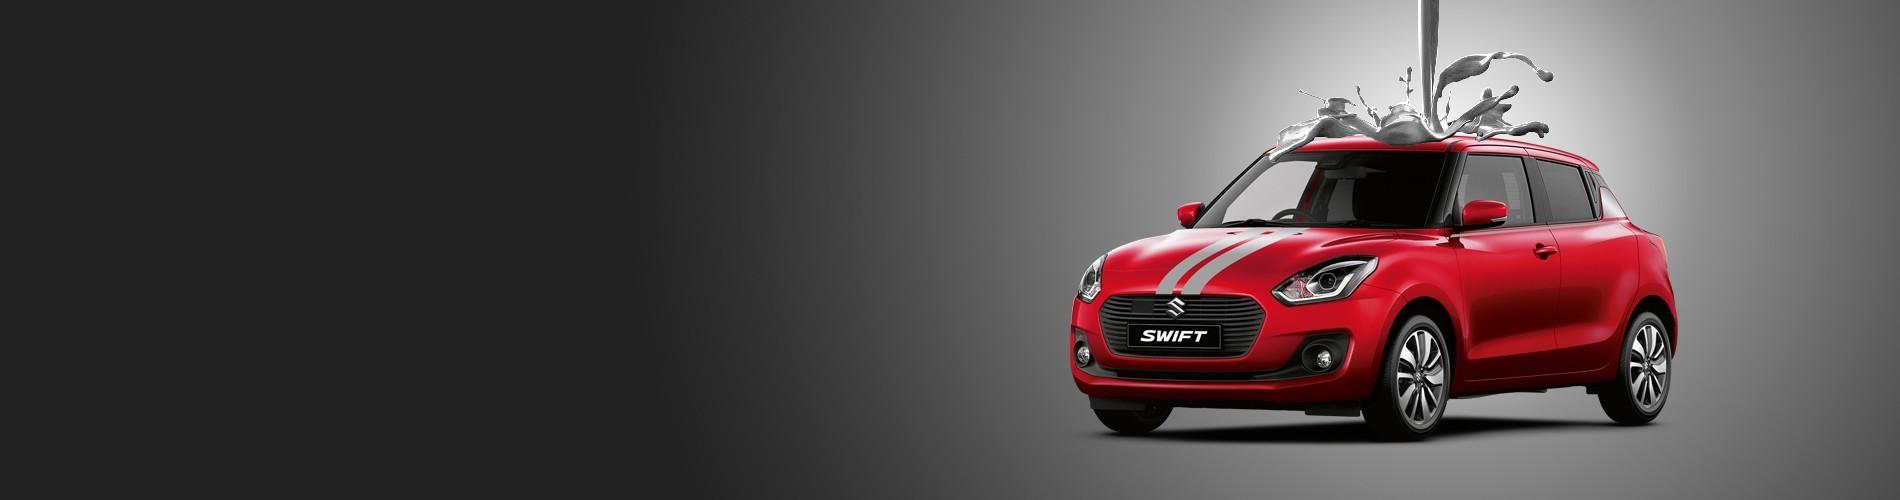 Sticker Suzuki Swift